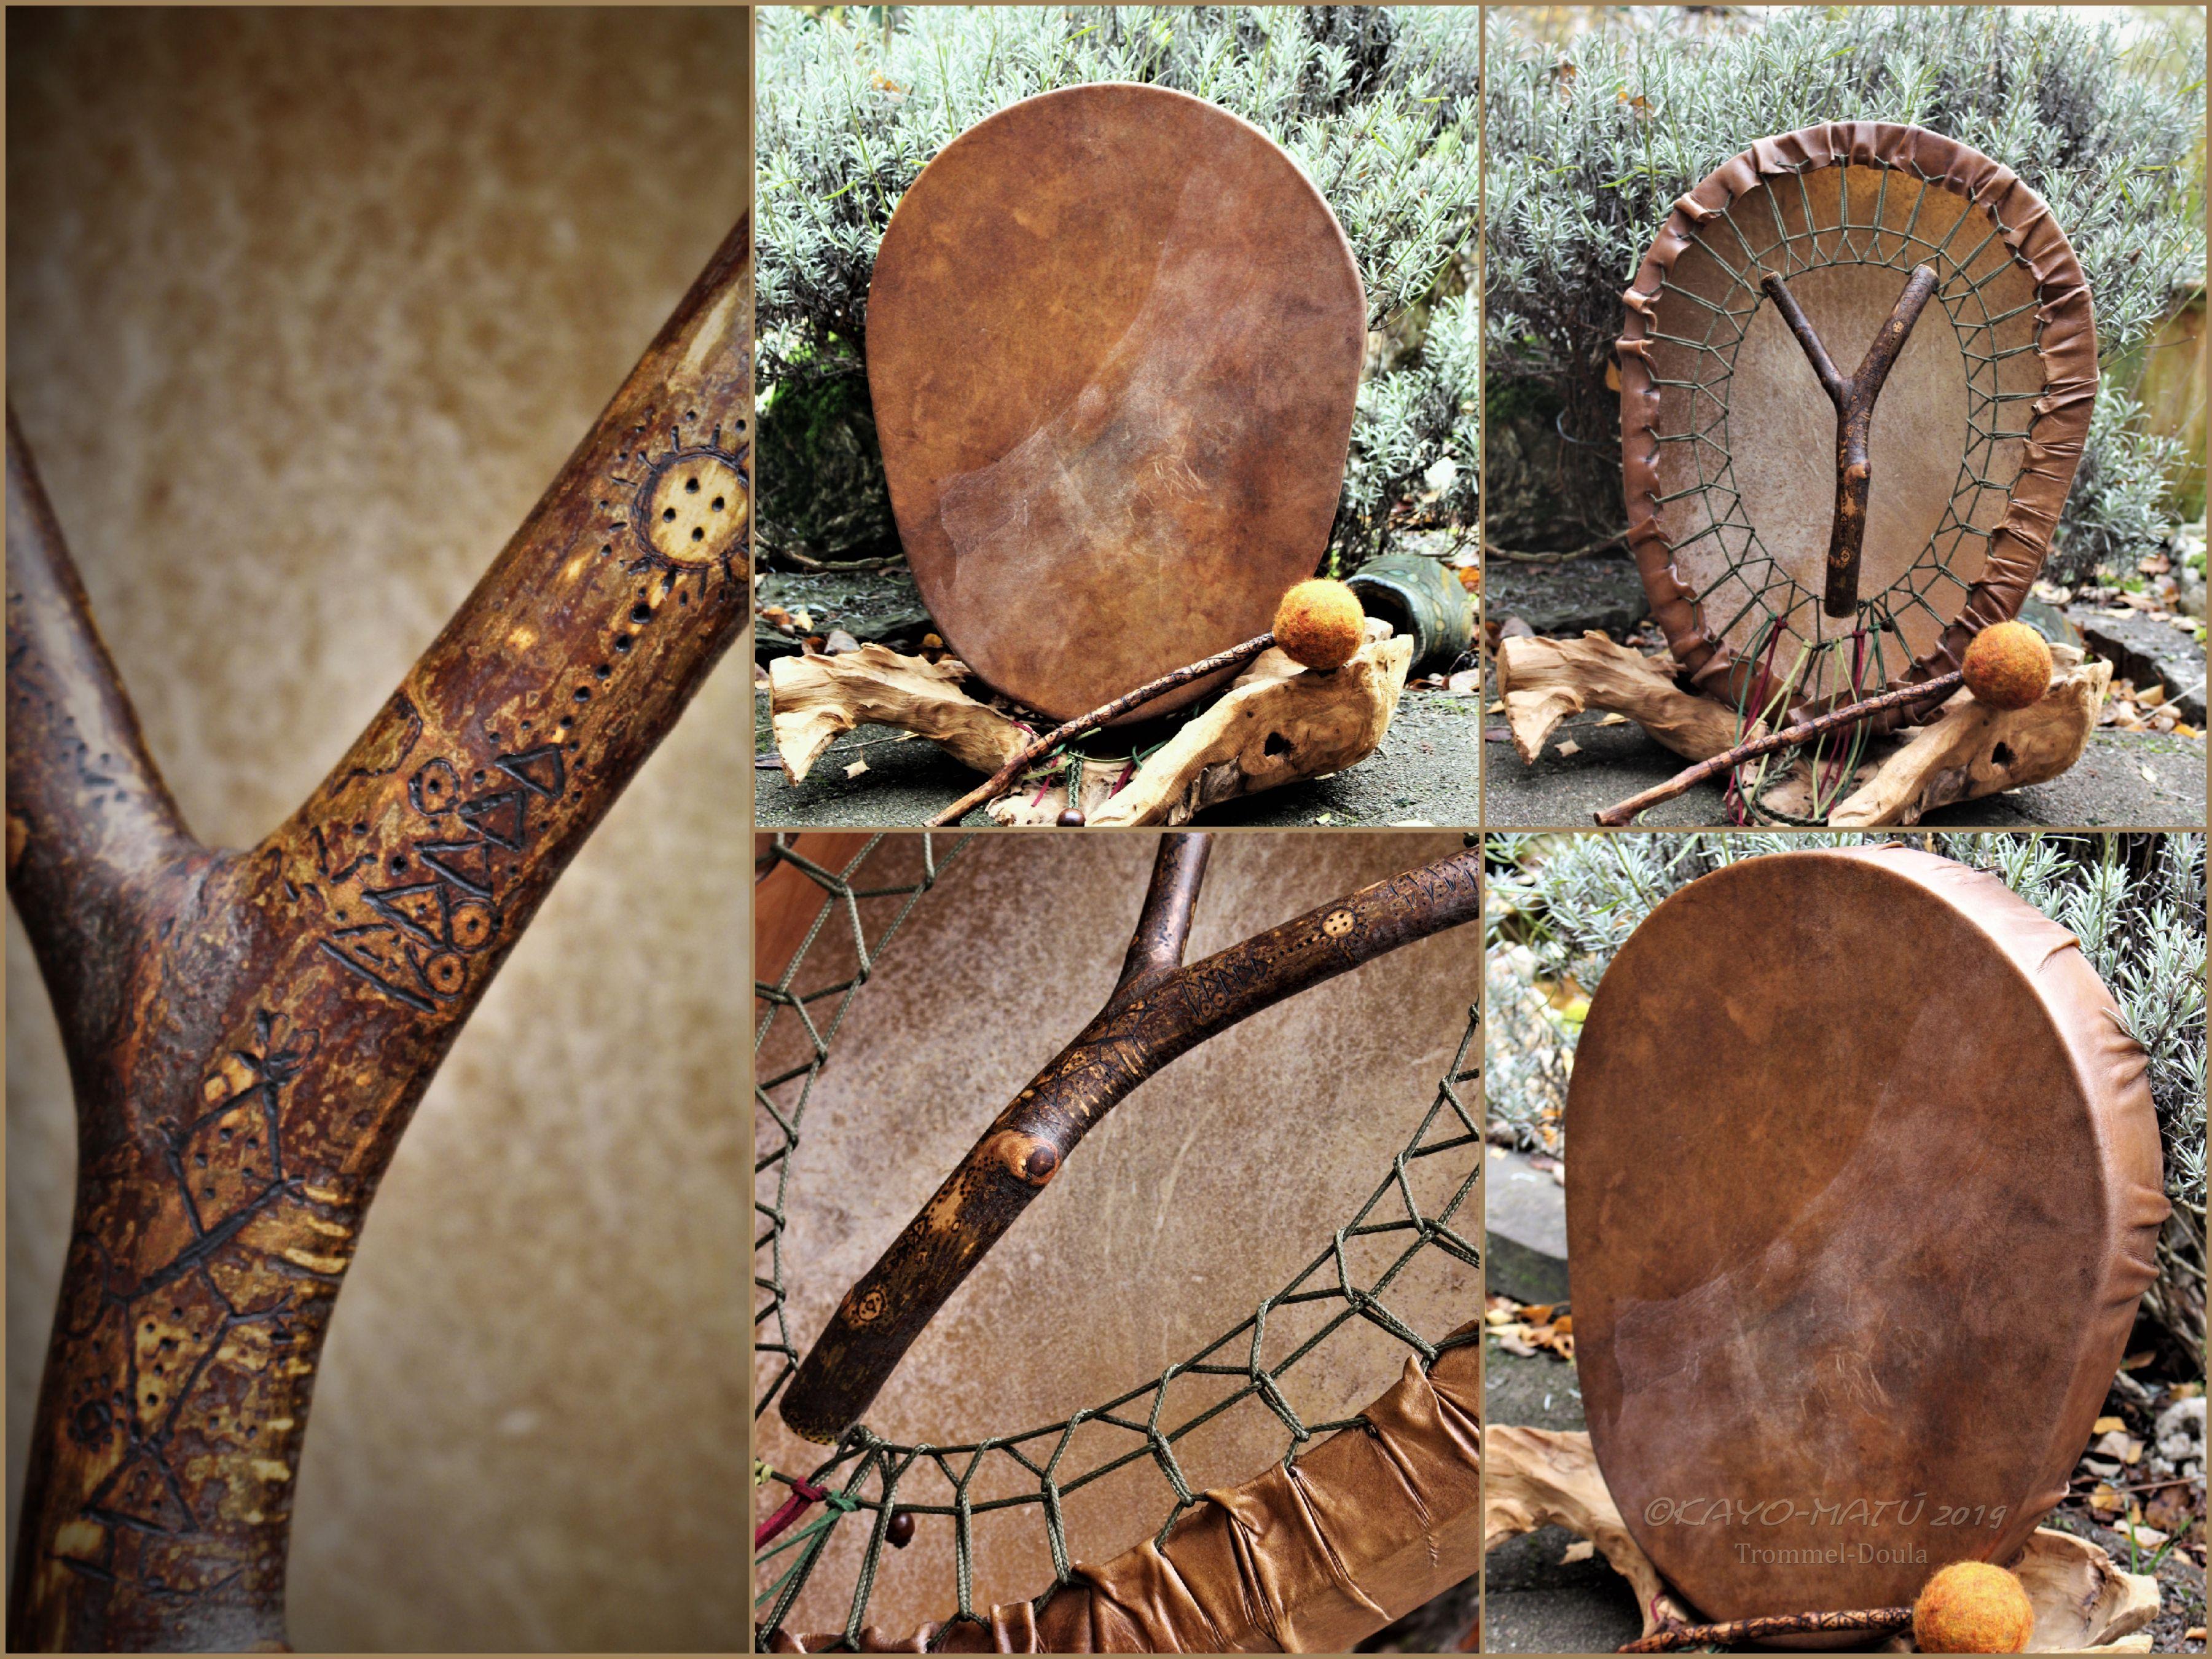 Collage Fotortat Fotor in Ovale-Zaubertrommel  Rønne Bœmm